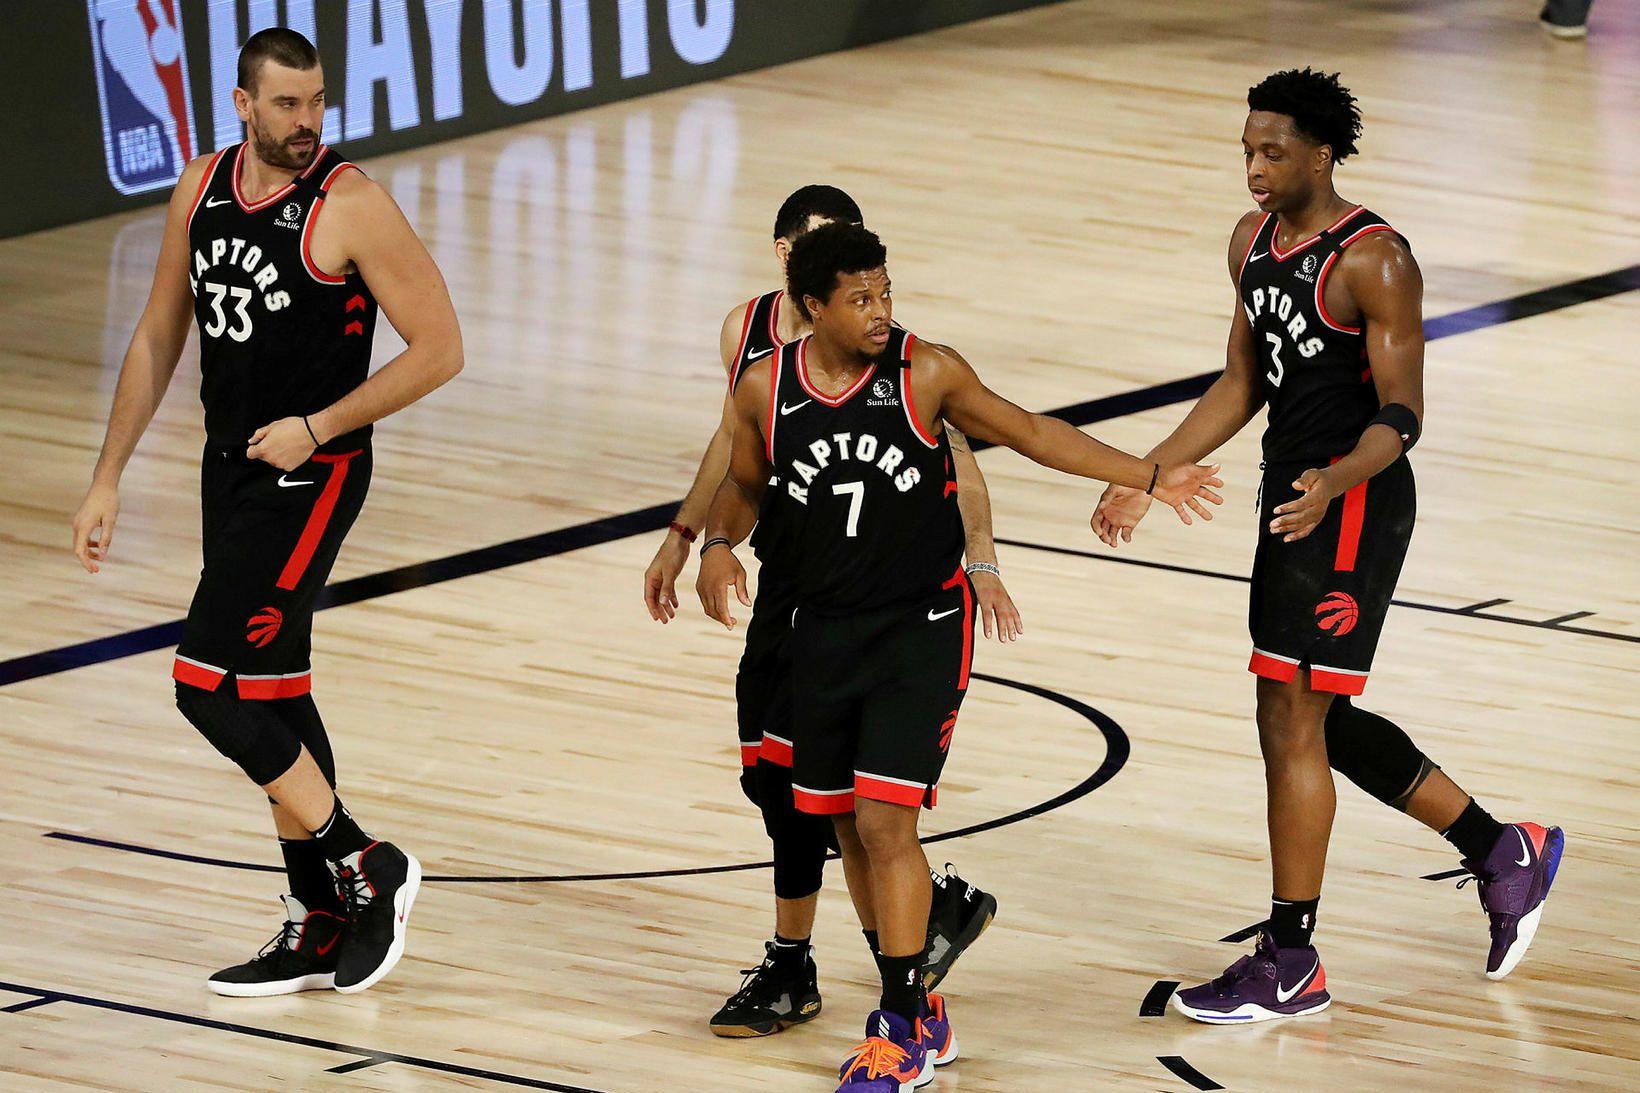 Leikmenn Toronto Raptors fagna sigri eftir tvíframlengdan leik.